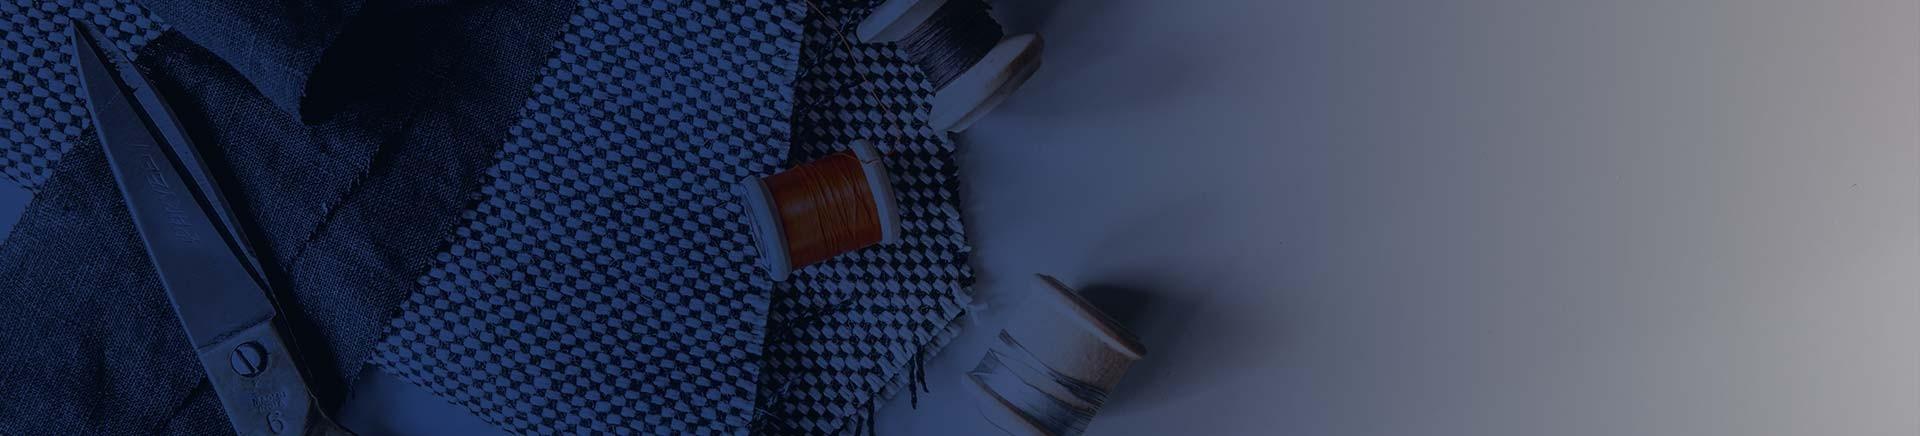 Nähzubehör und Kurzwaren   JAVRO Stoffmarkt